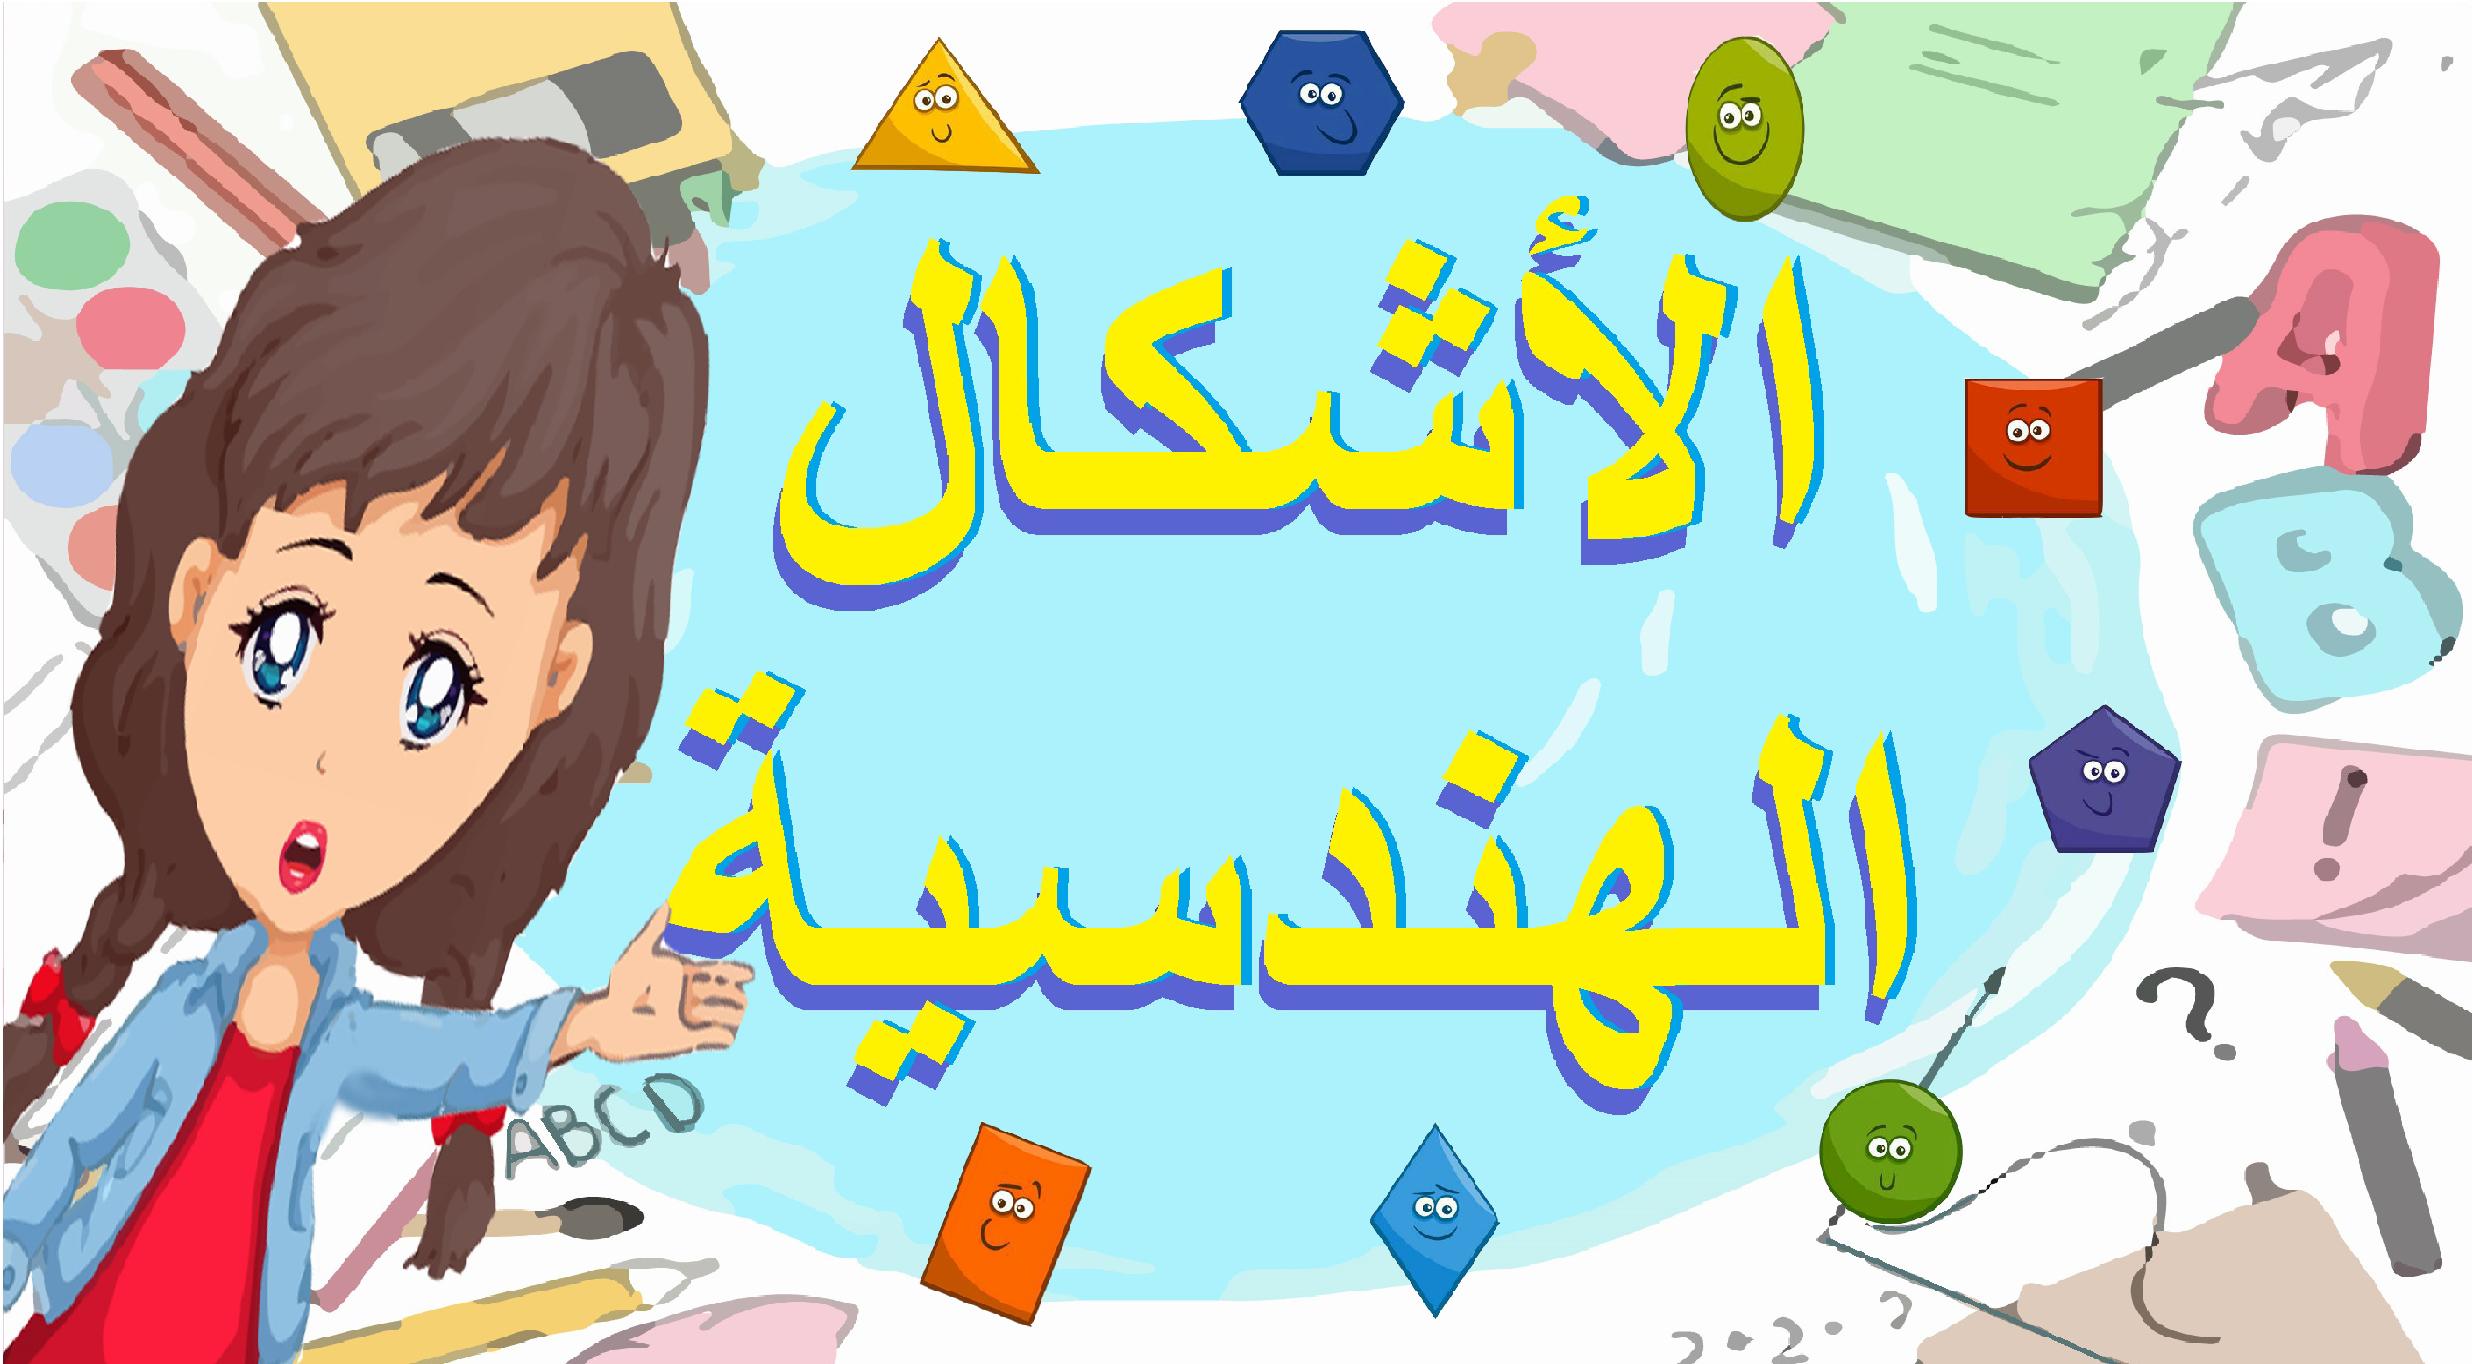 تعلم الأشكال الهندسية للأطفال باللغة العربية Learn Shapes For Children In Arabic Shapes For Kids Learning Kids